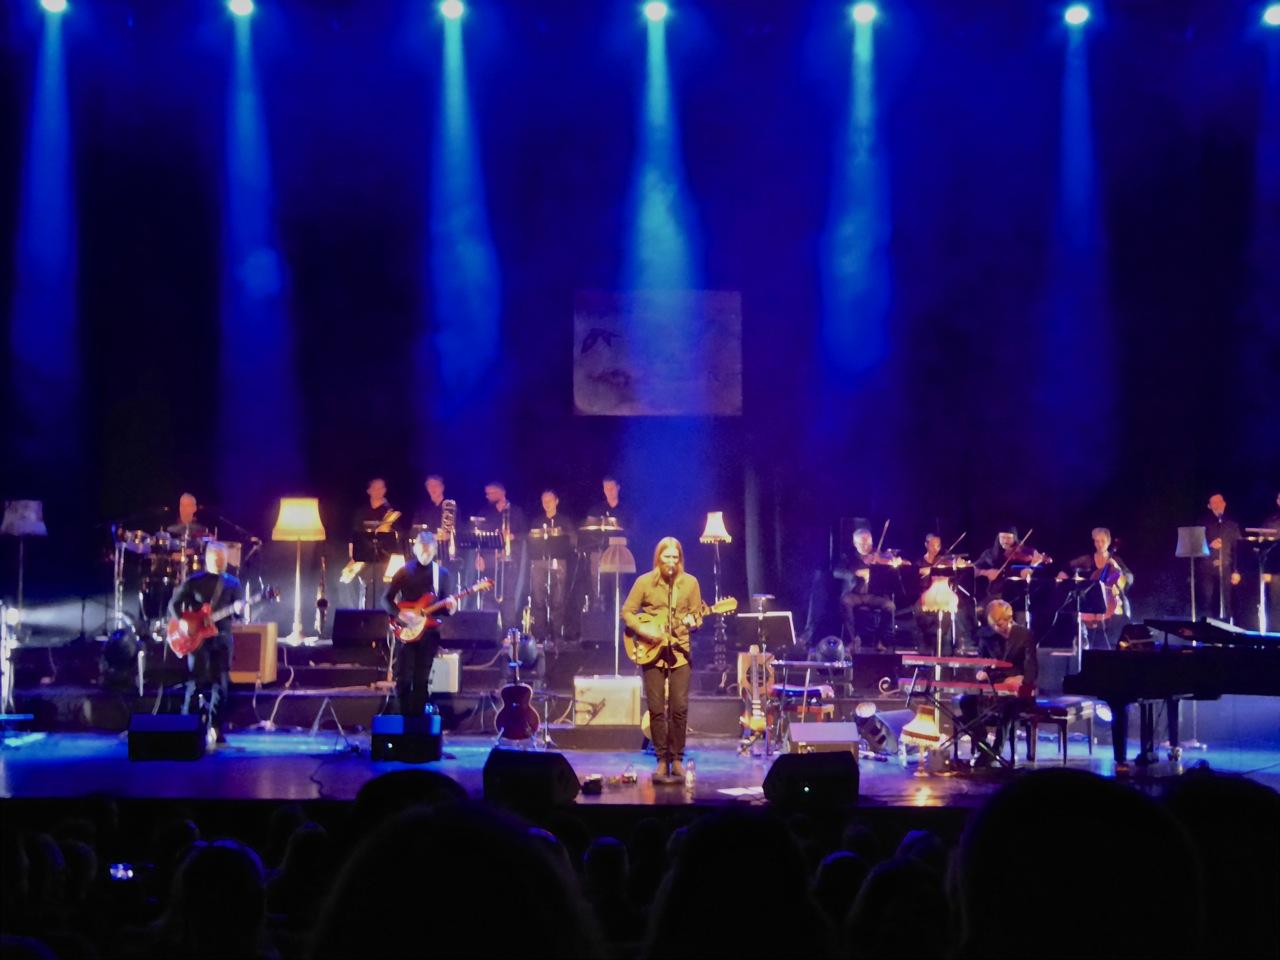 junius meyvant Icleand Concert